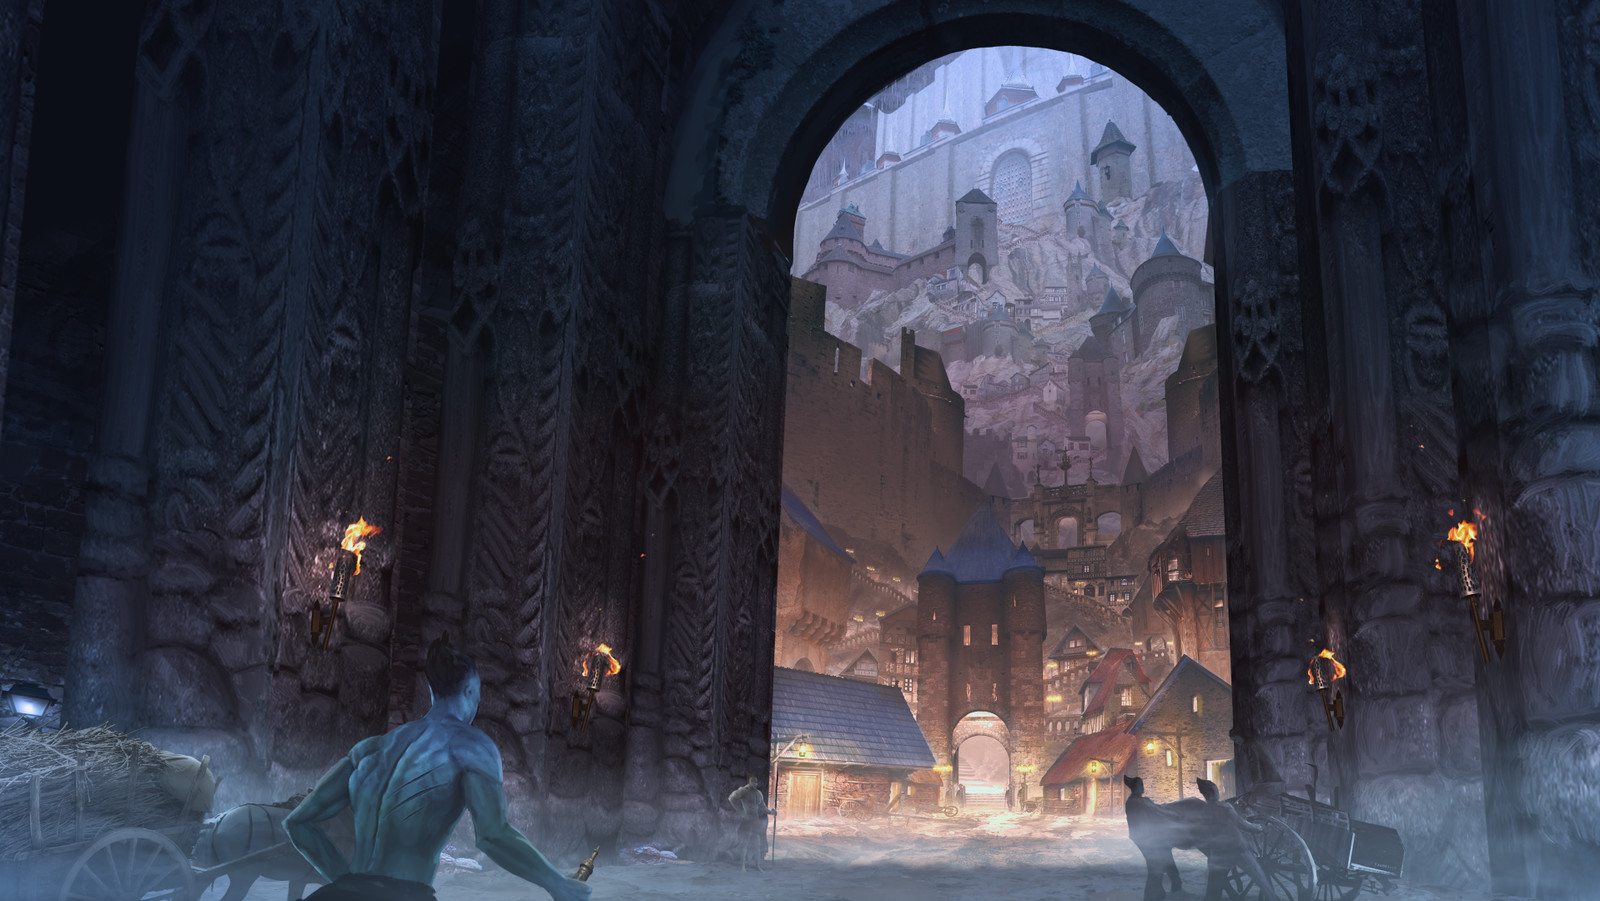 Amarlin: Tidal gate